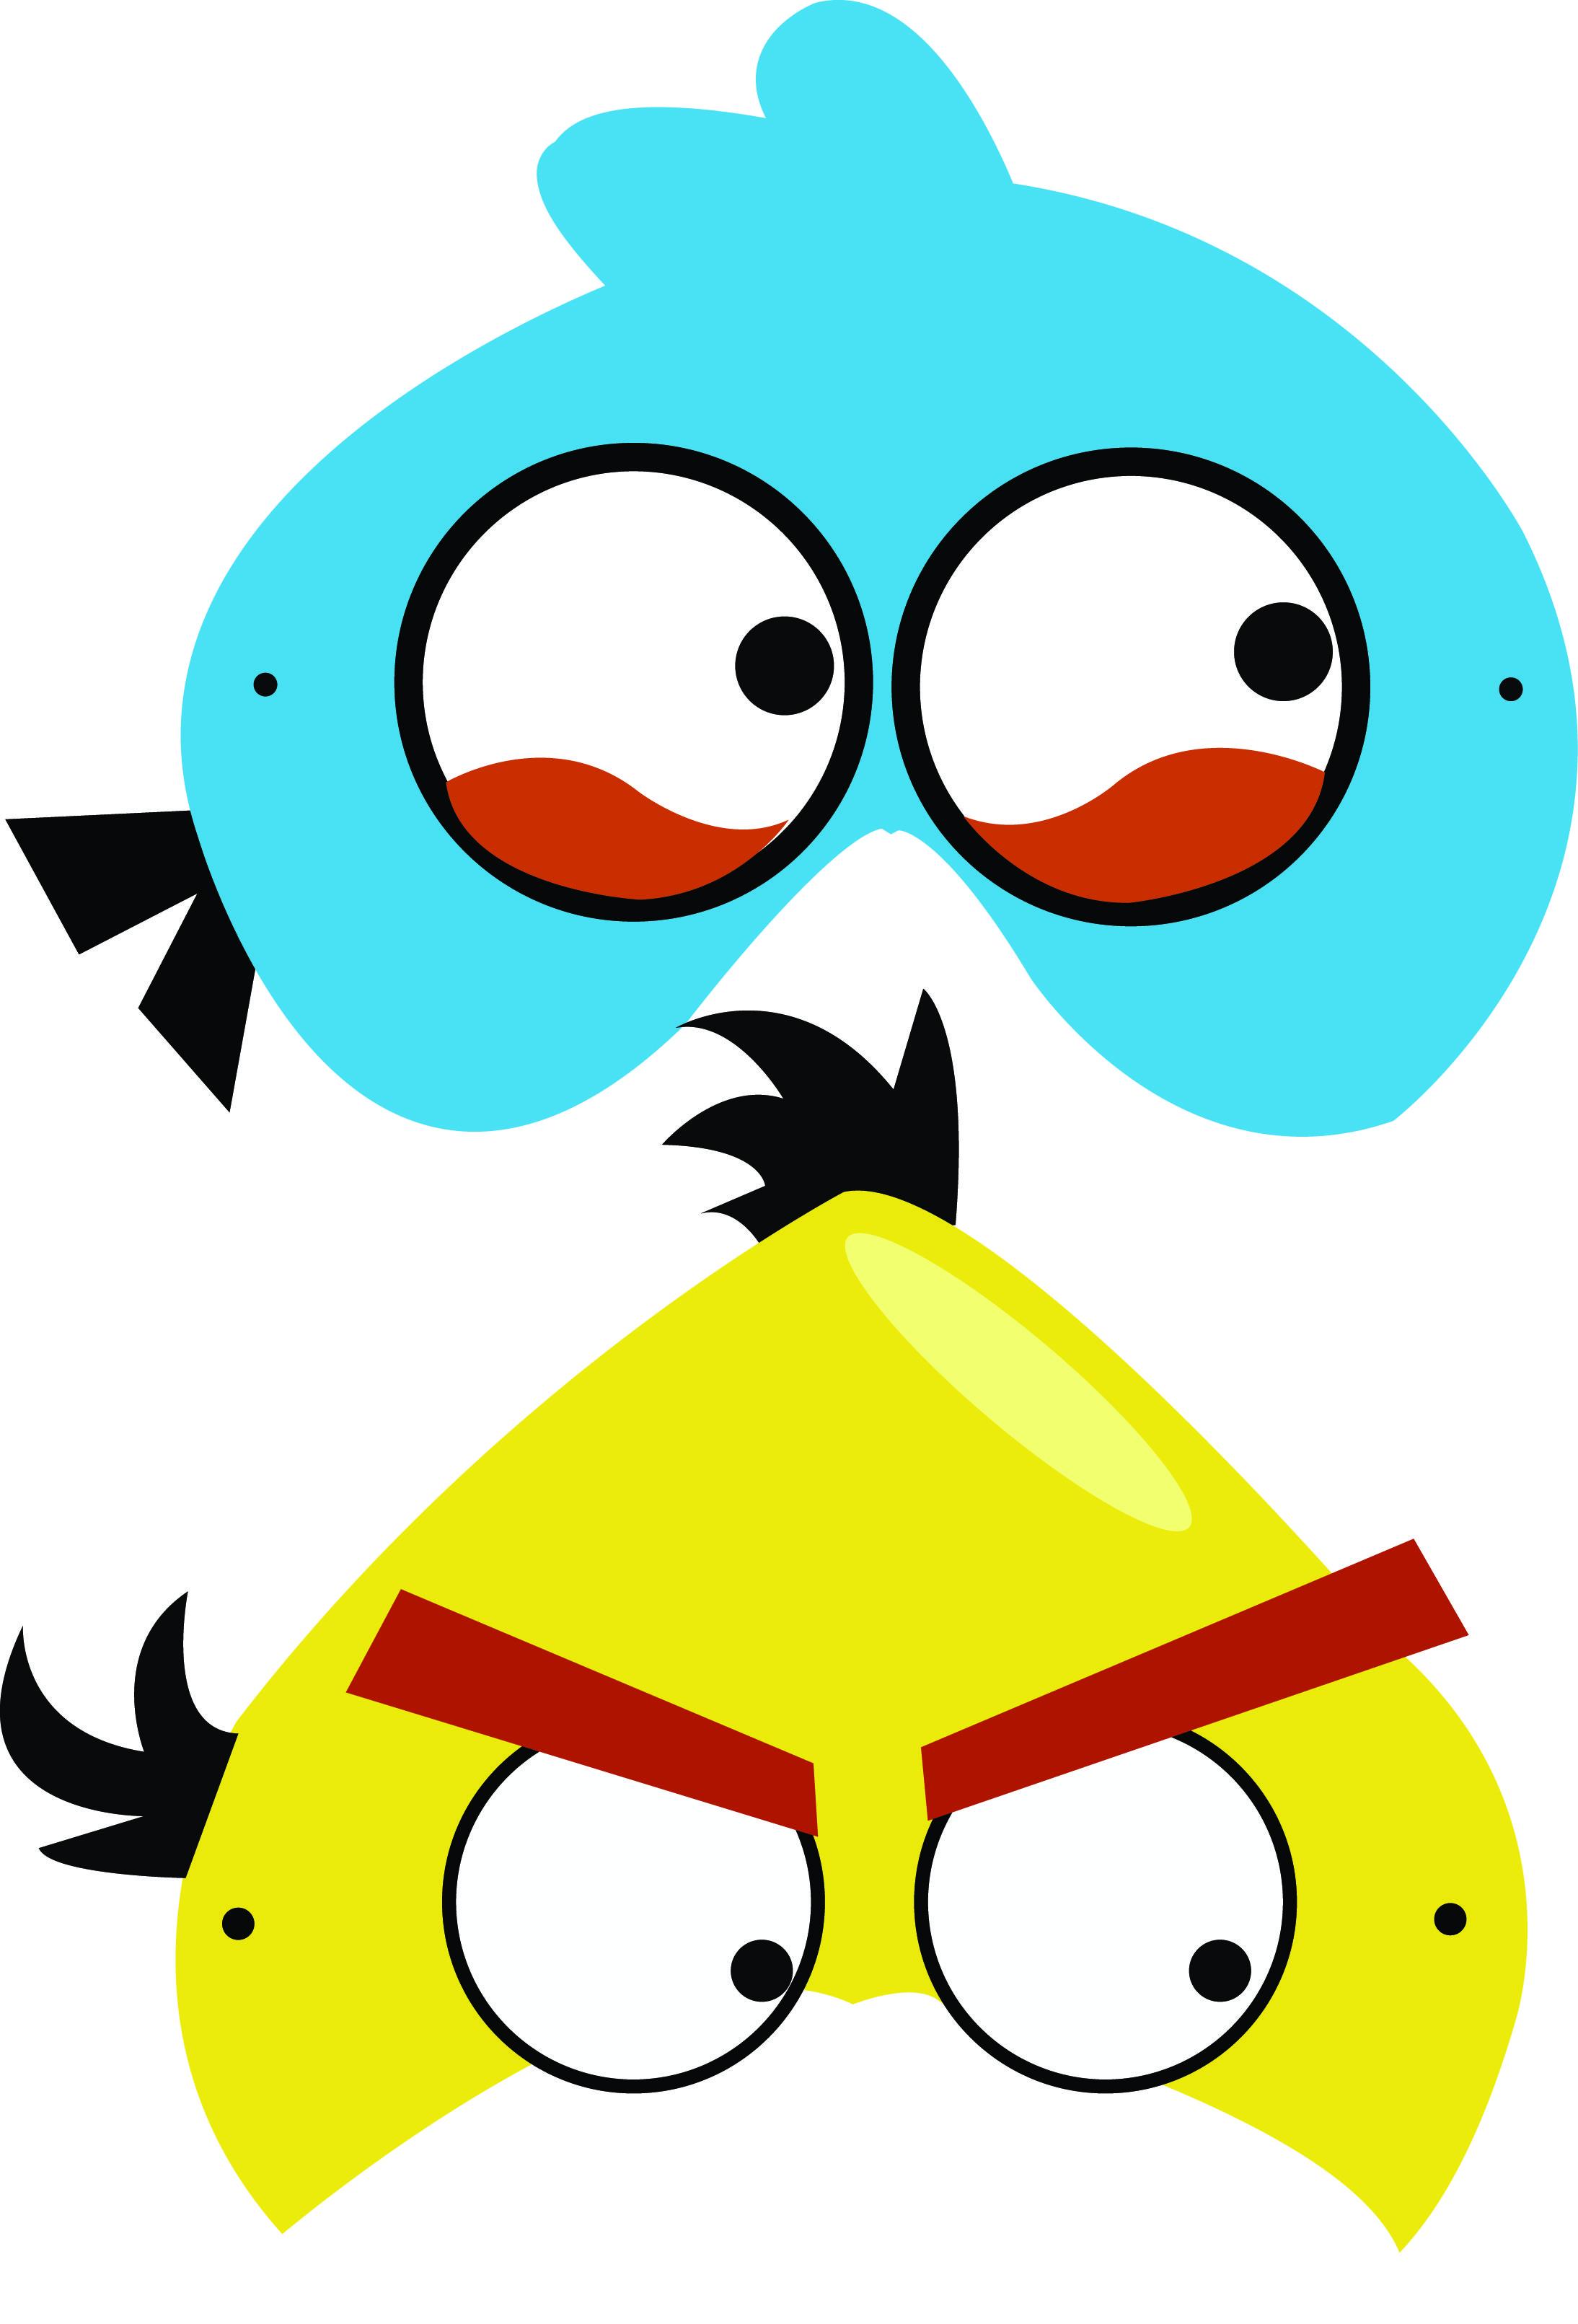 angry bird mask template - Parfu kaptanband co